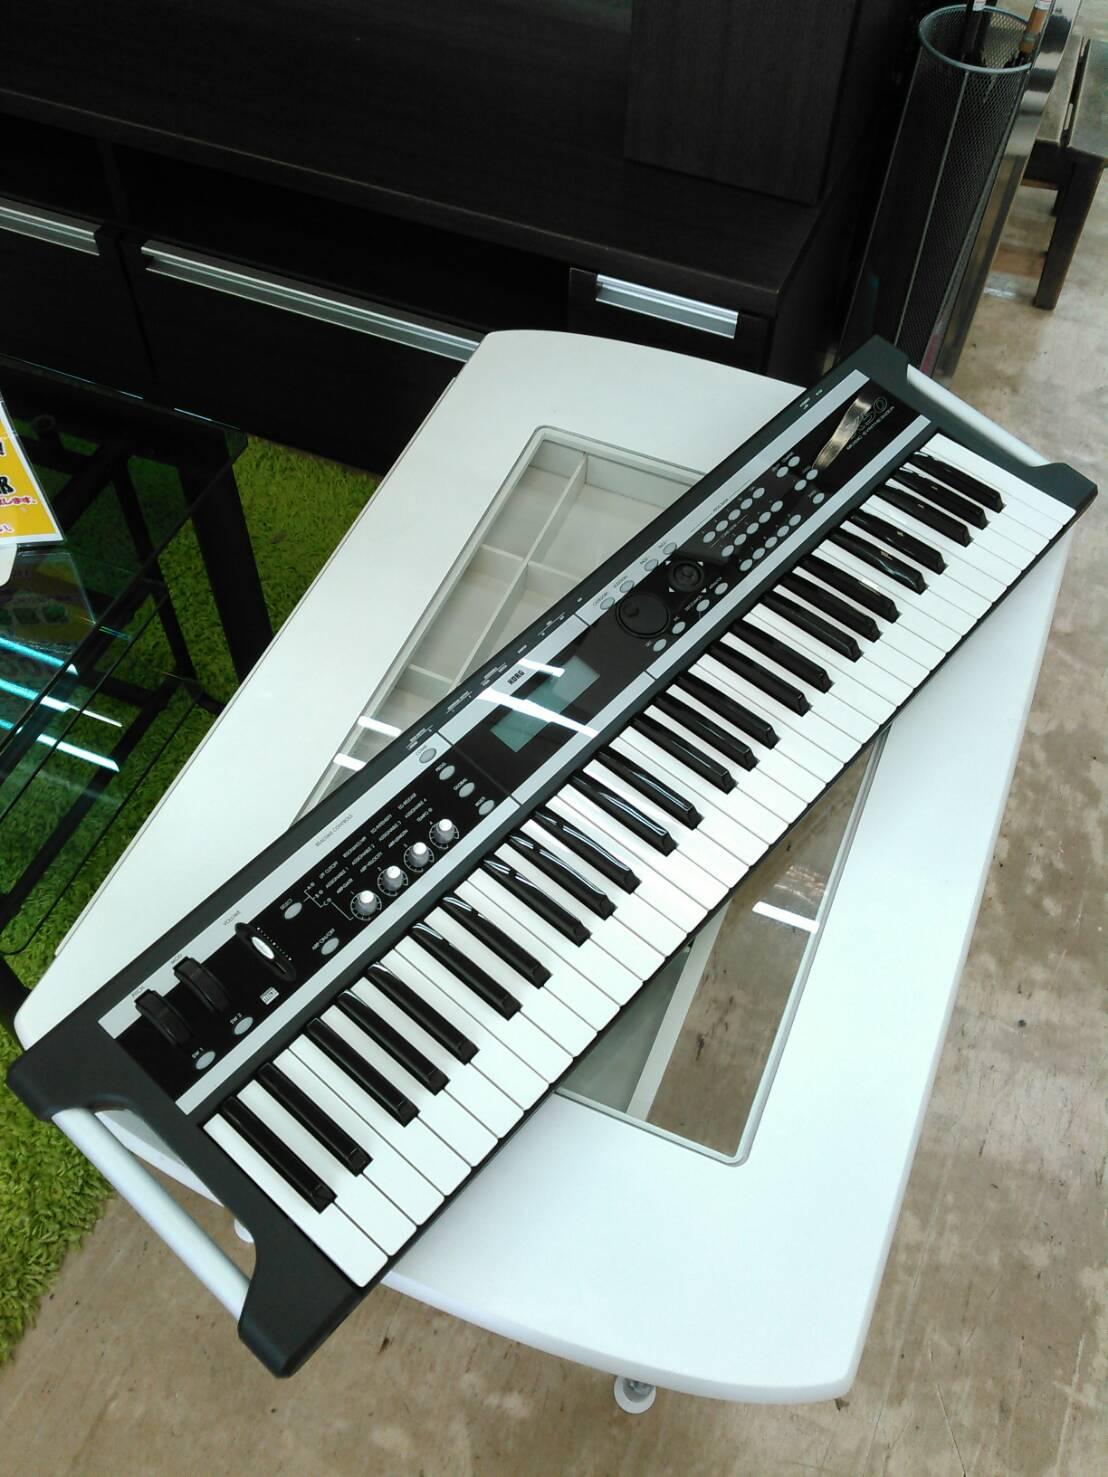 【KORG コルグ 電子シンセサイザー X50 キーボード 鍵盤 ピアノ】買い取り致しました!の買取-